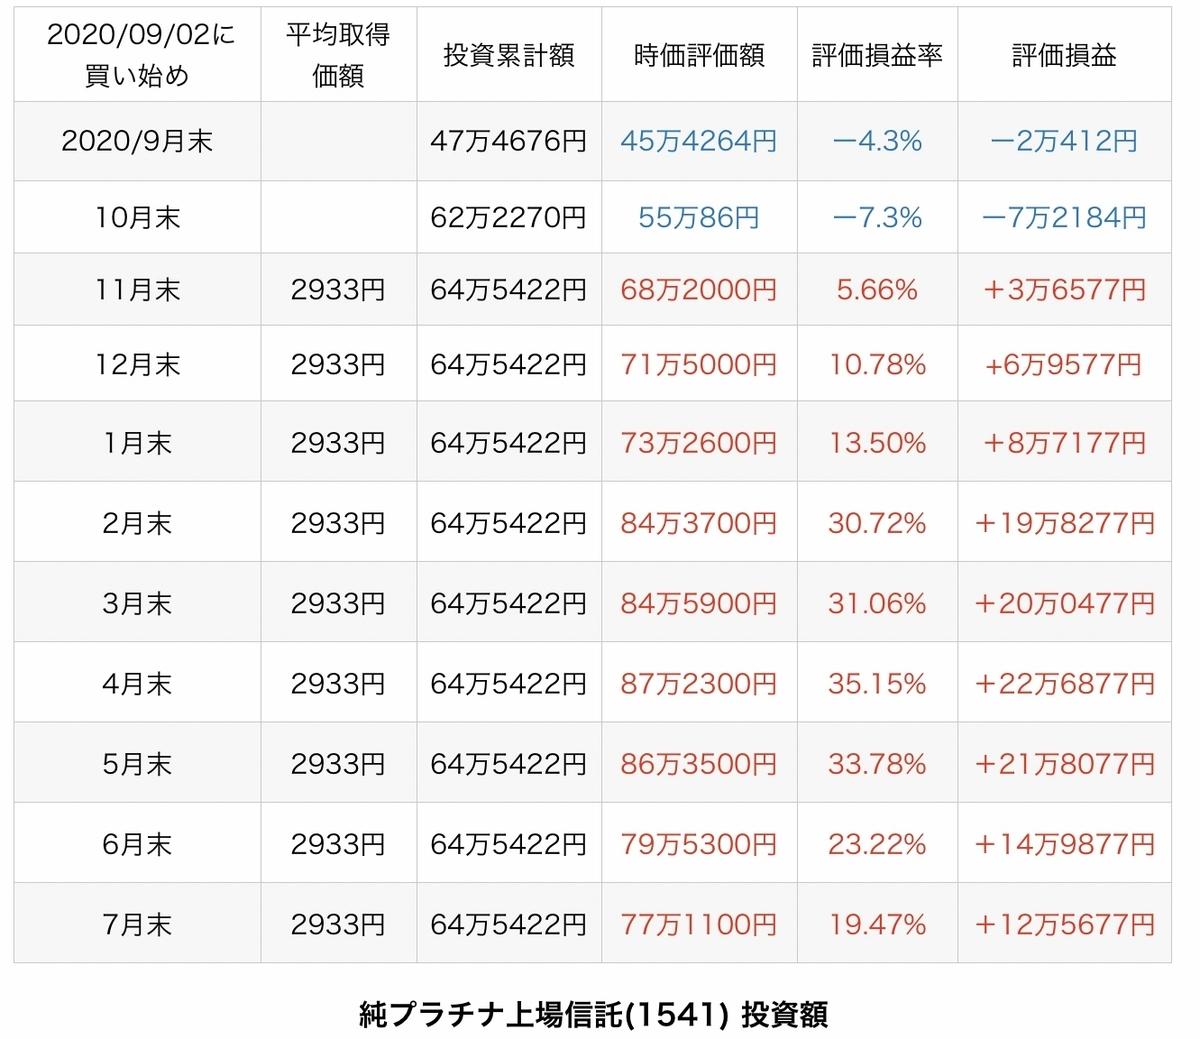 f:id:US-Stocks:20210801092410j:plain